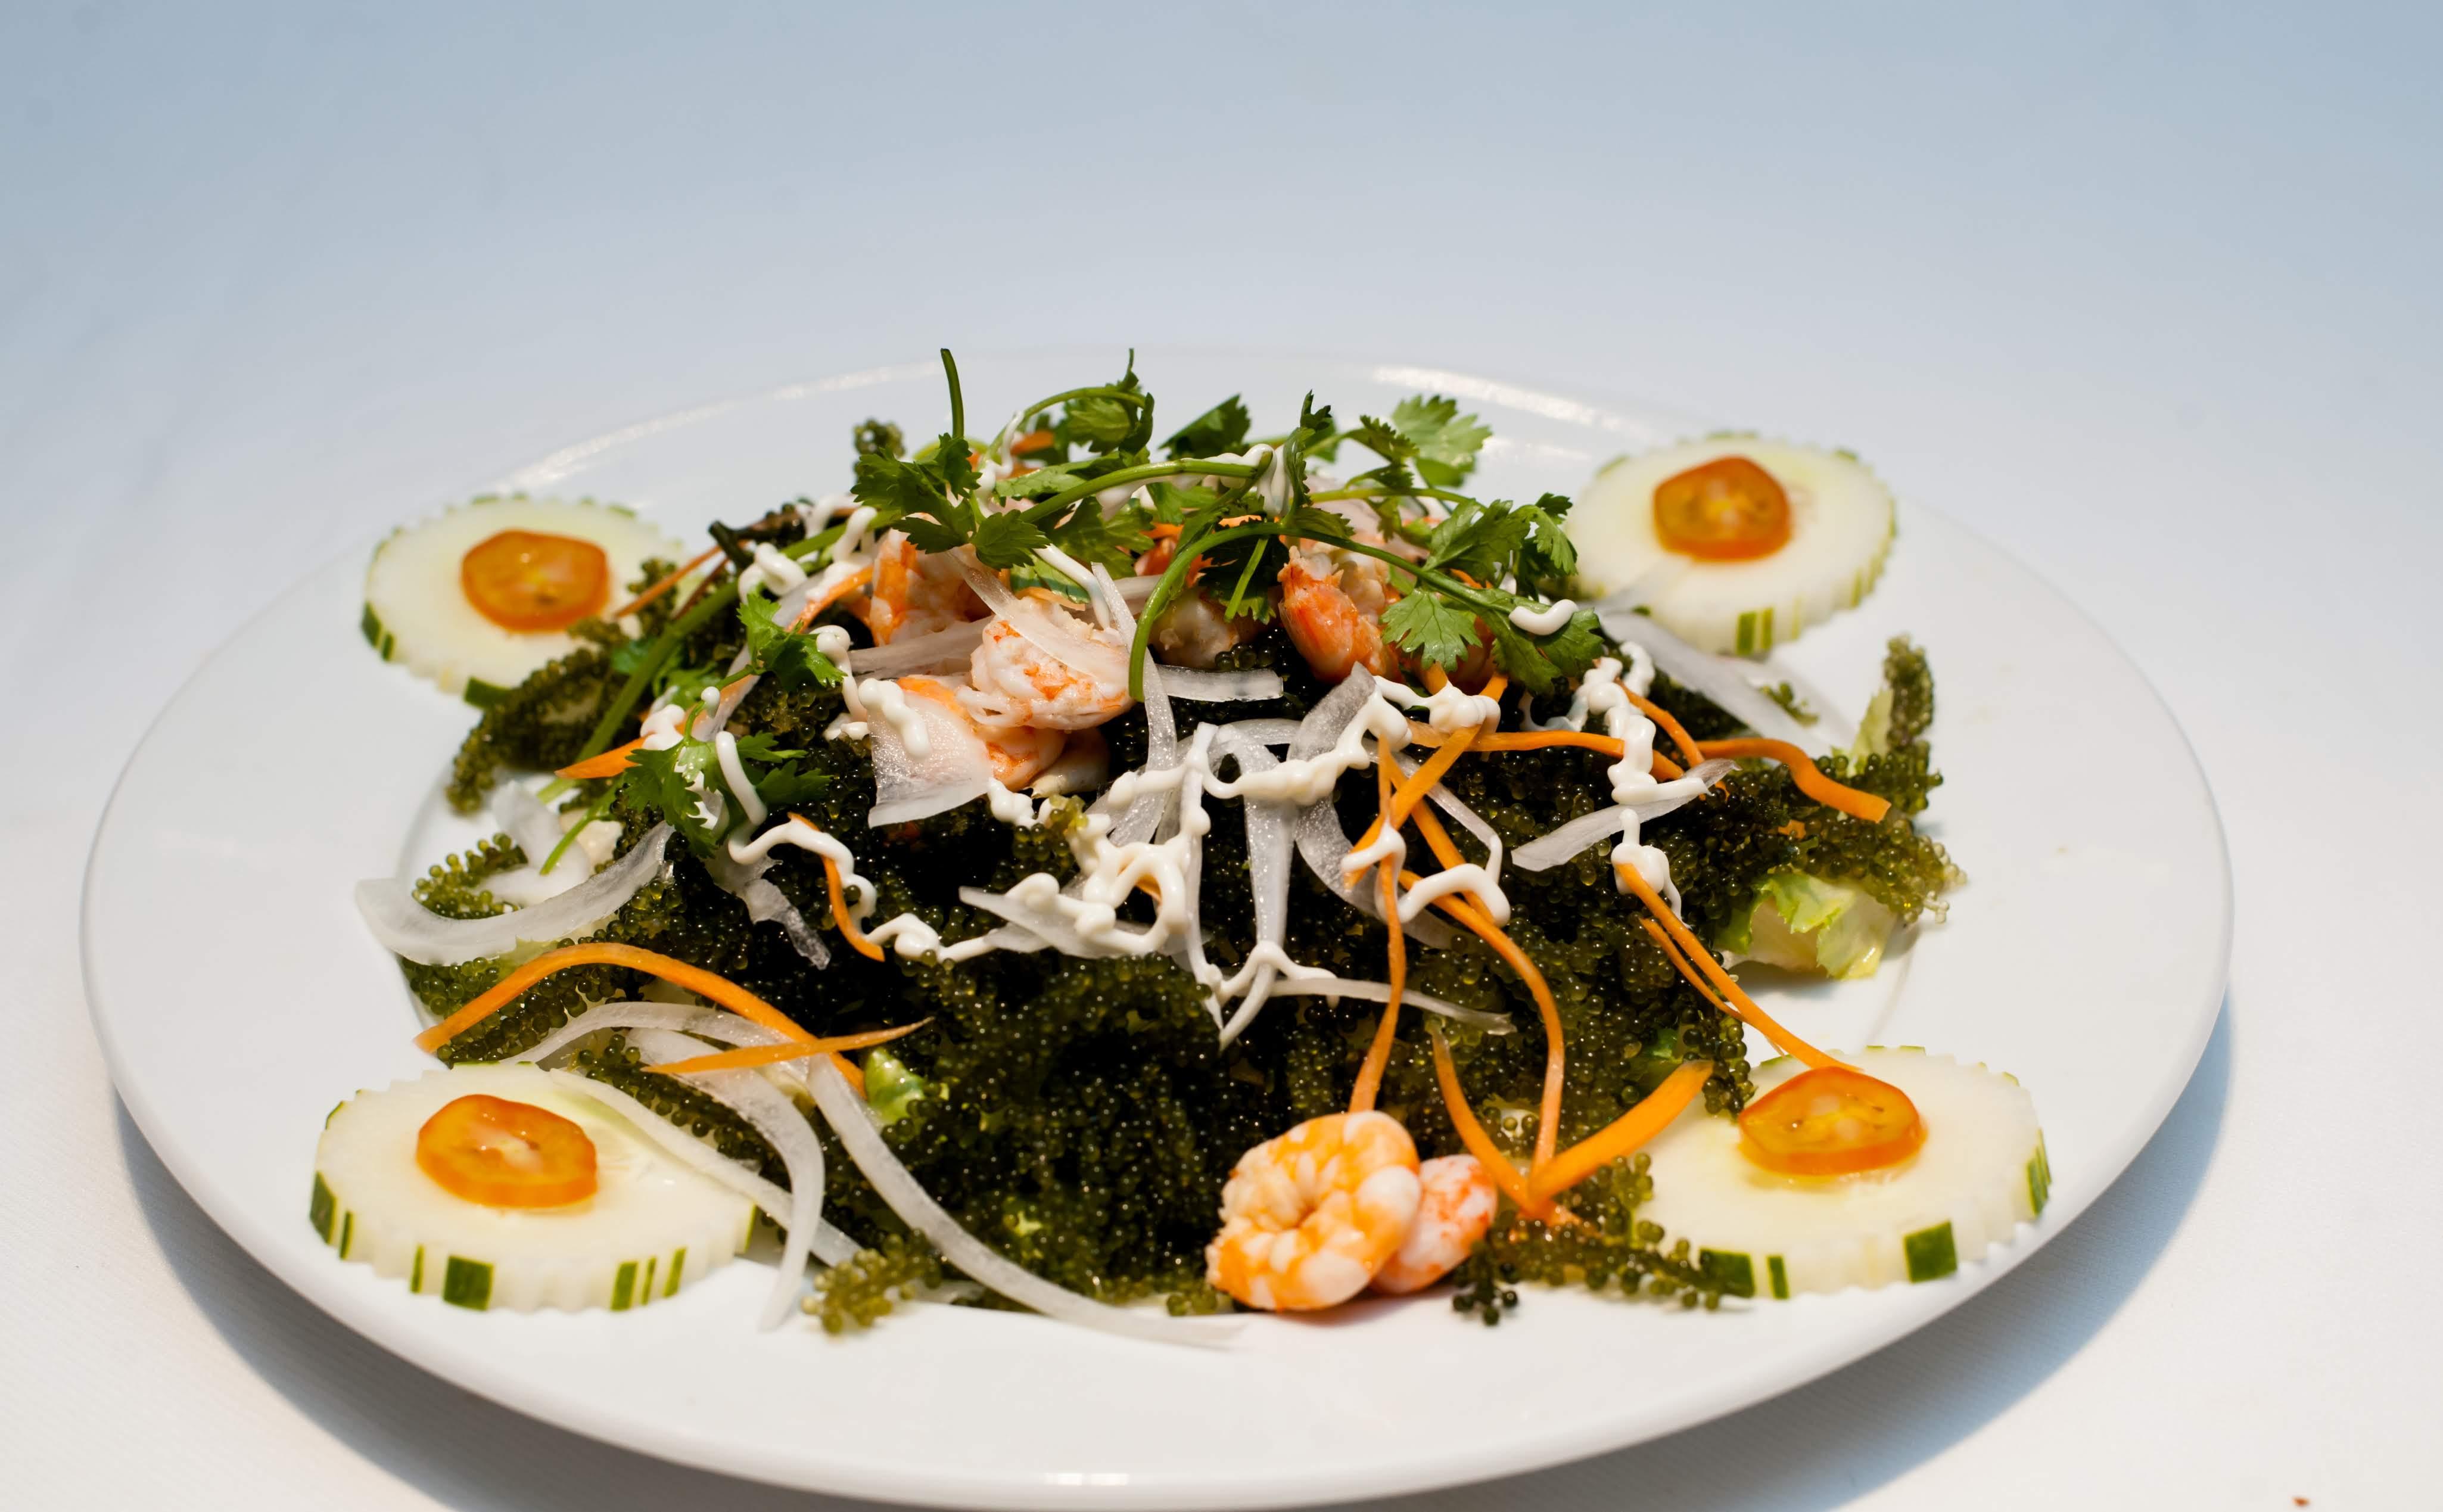 Salad Rong Nho / Algae Grapes salad